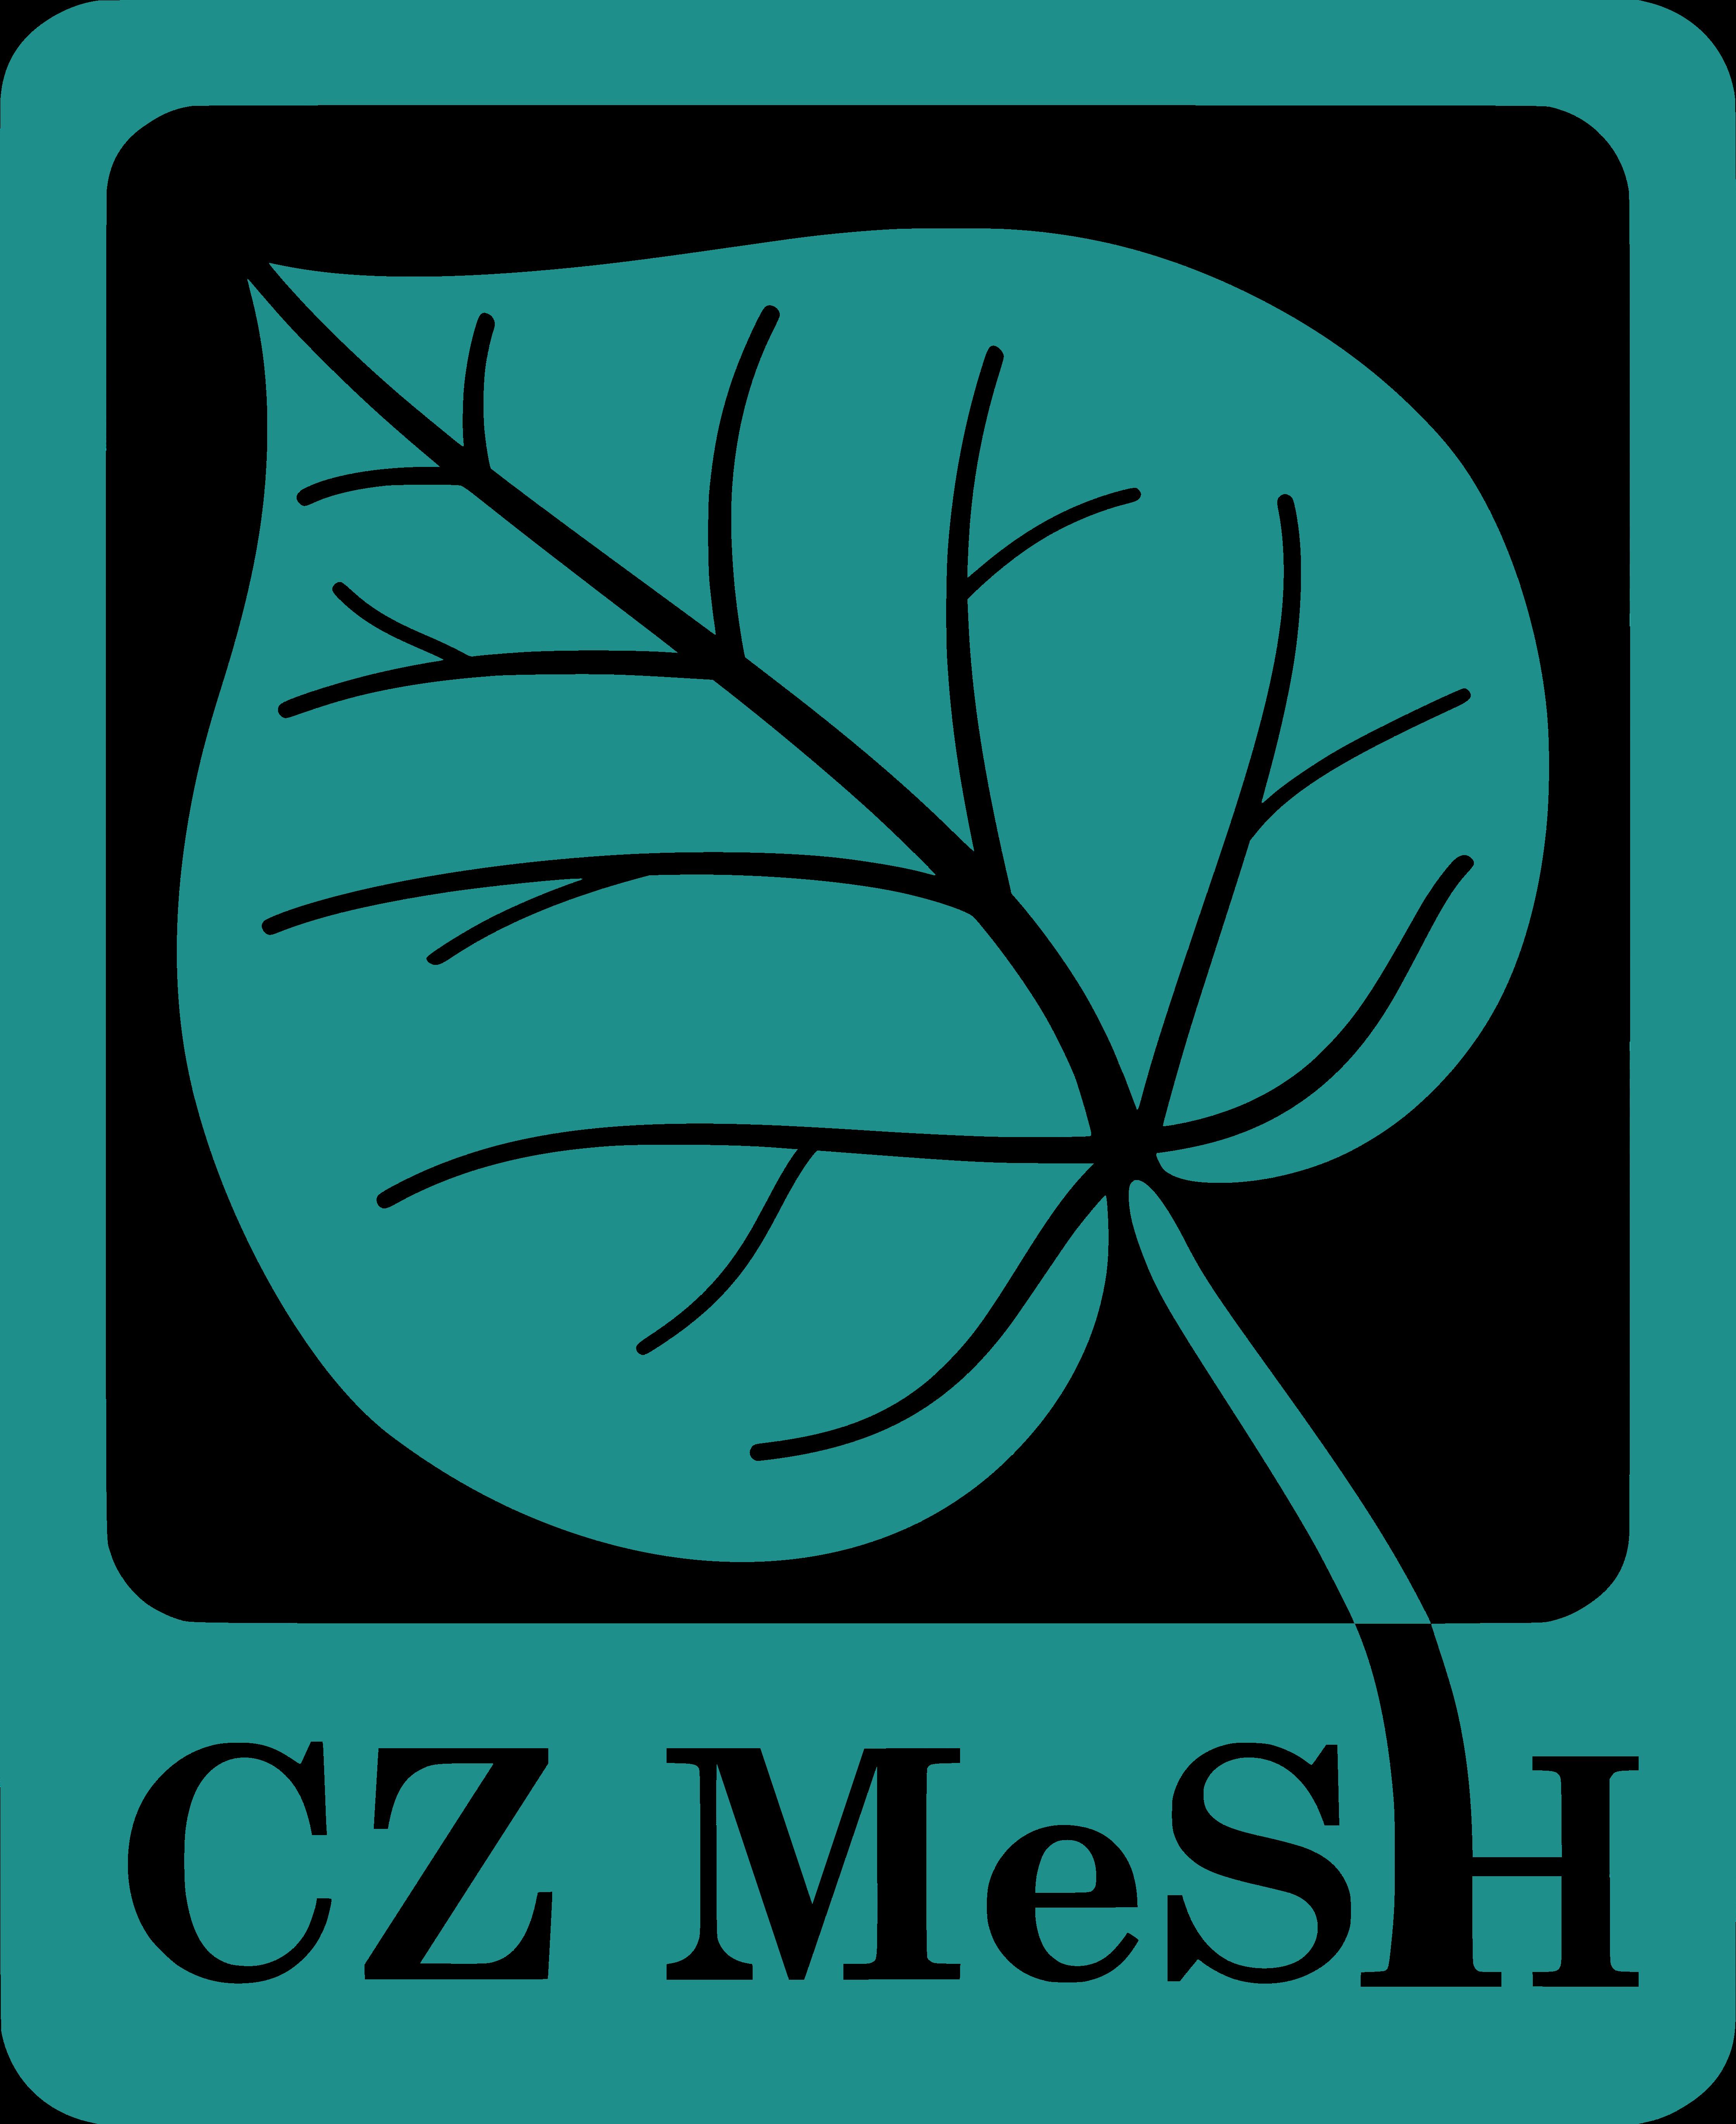 Mesh_logo_klara_2016